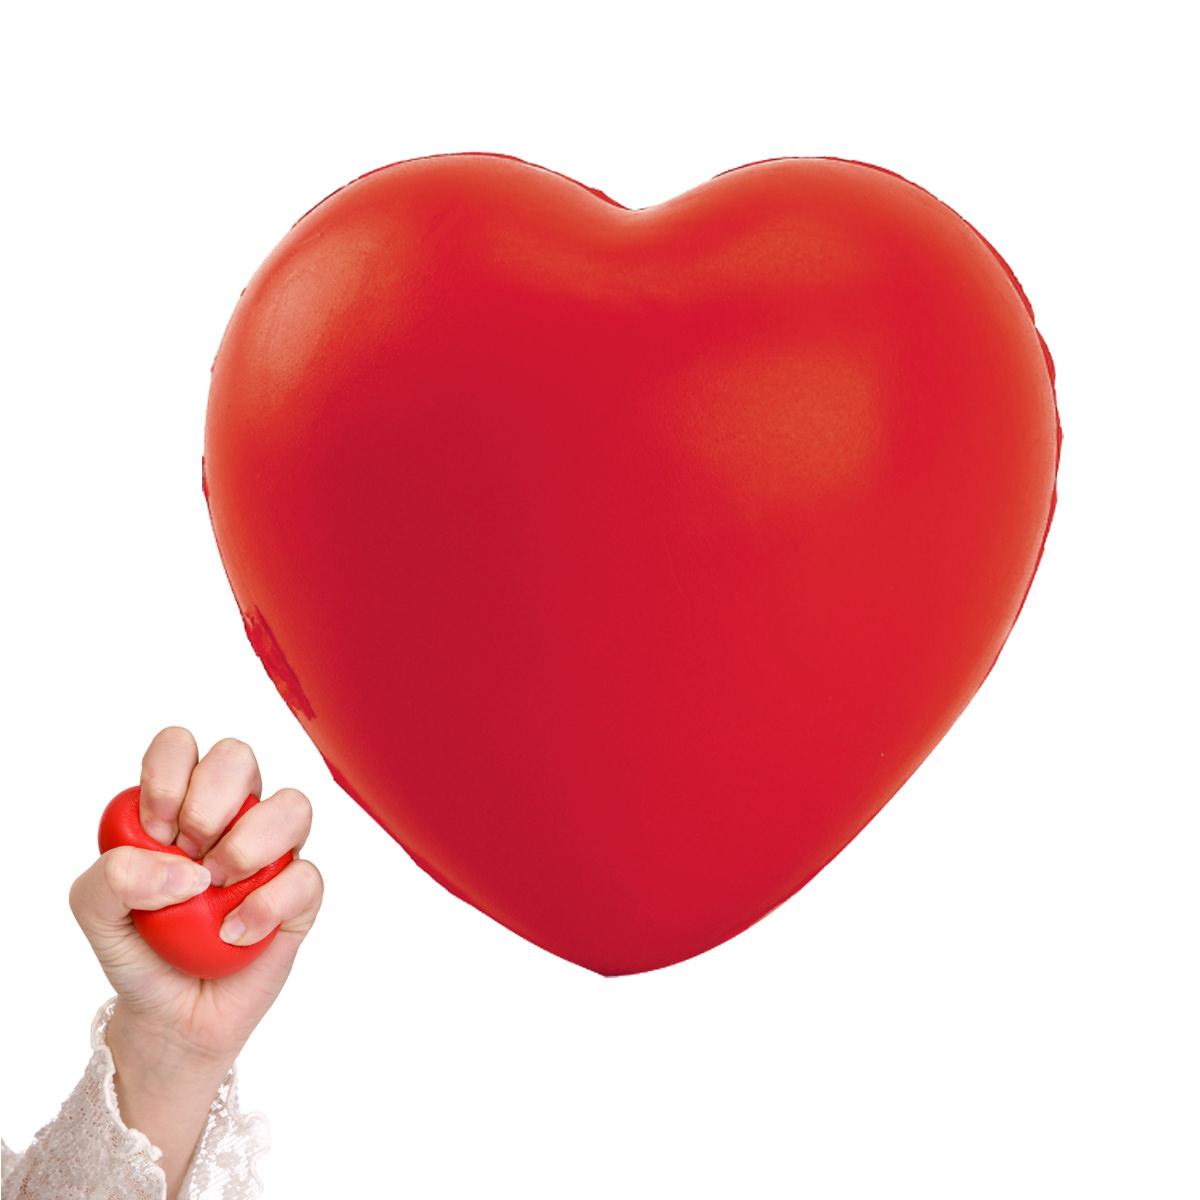 כדור לחץ לב אדום - הארטי